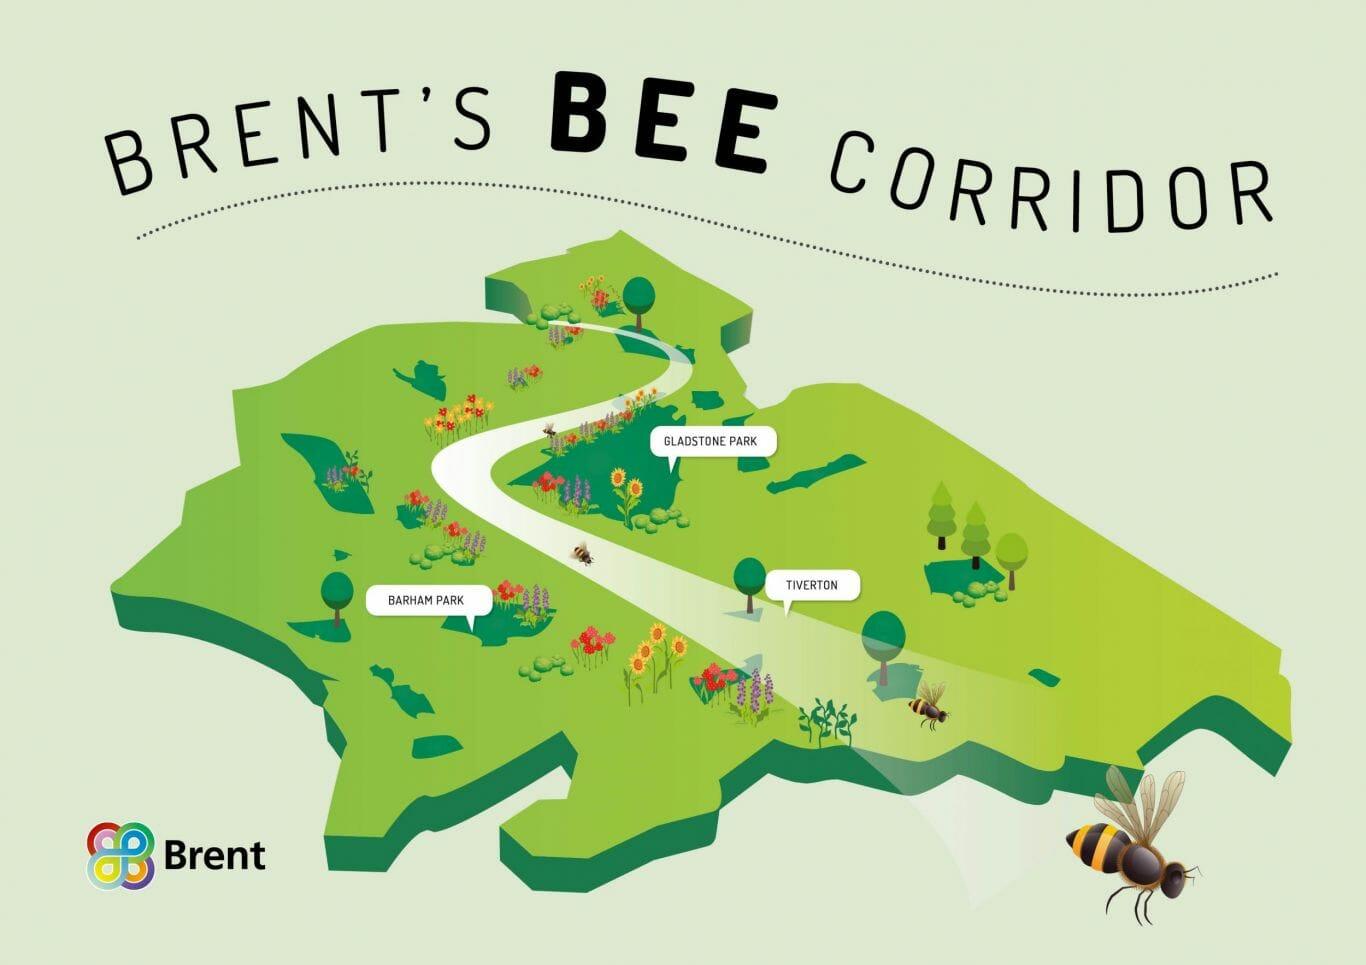 londres corredor de abelhas 2